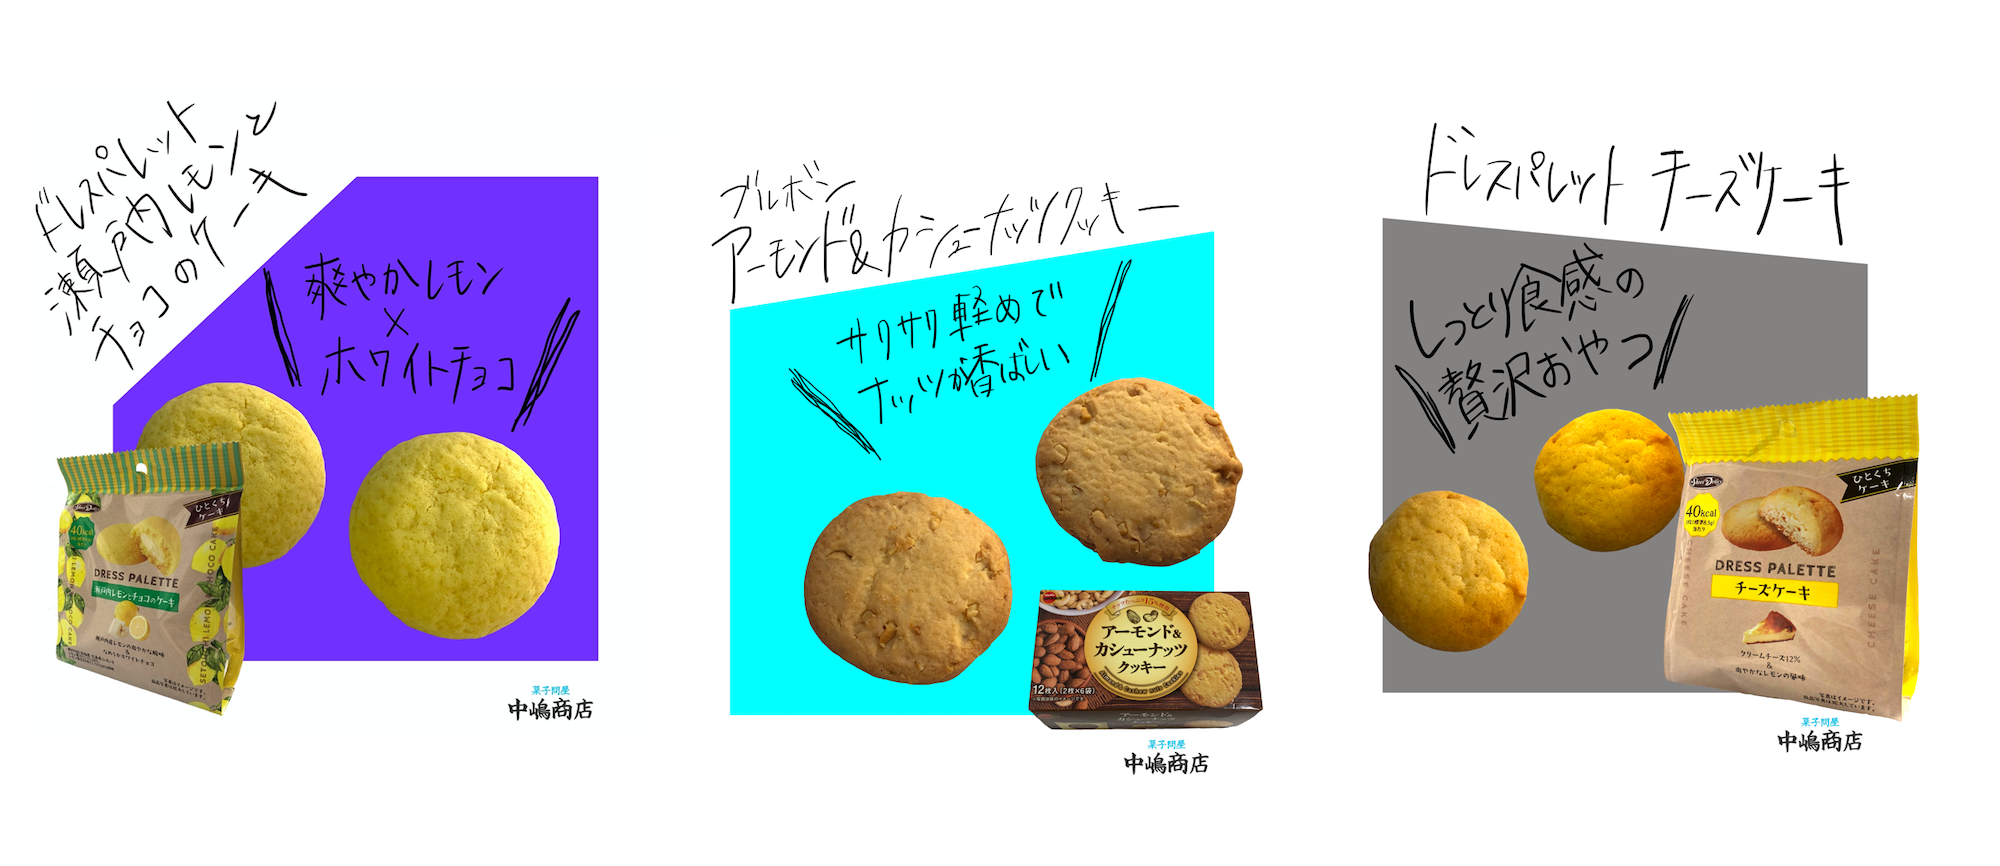 【中嶋商店のおすすめ菓子】小包装のクッキー&一口サイズケーキ